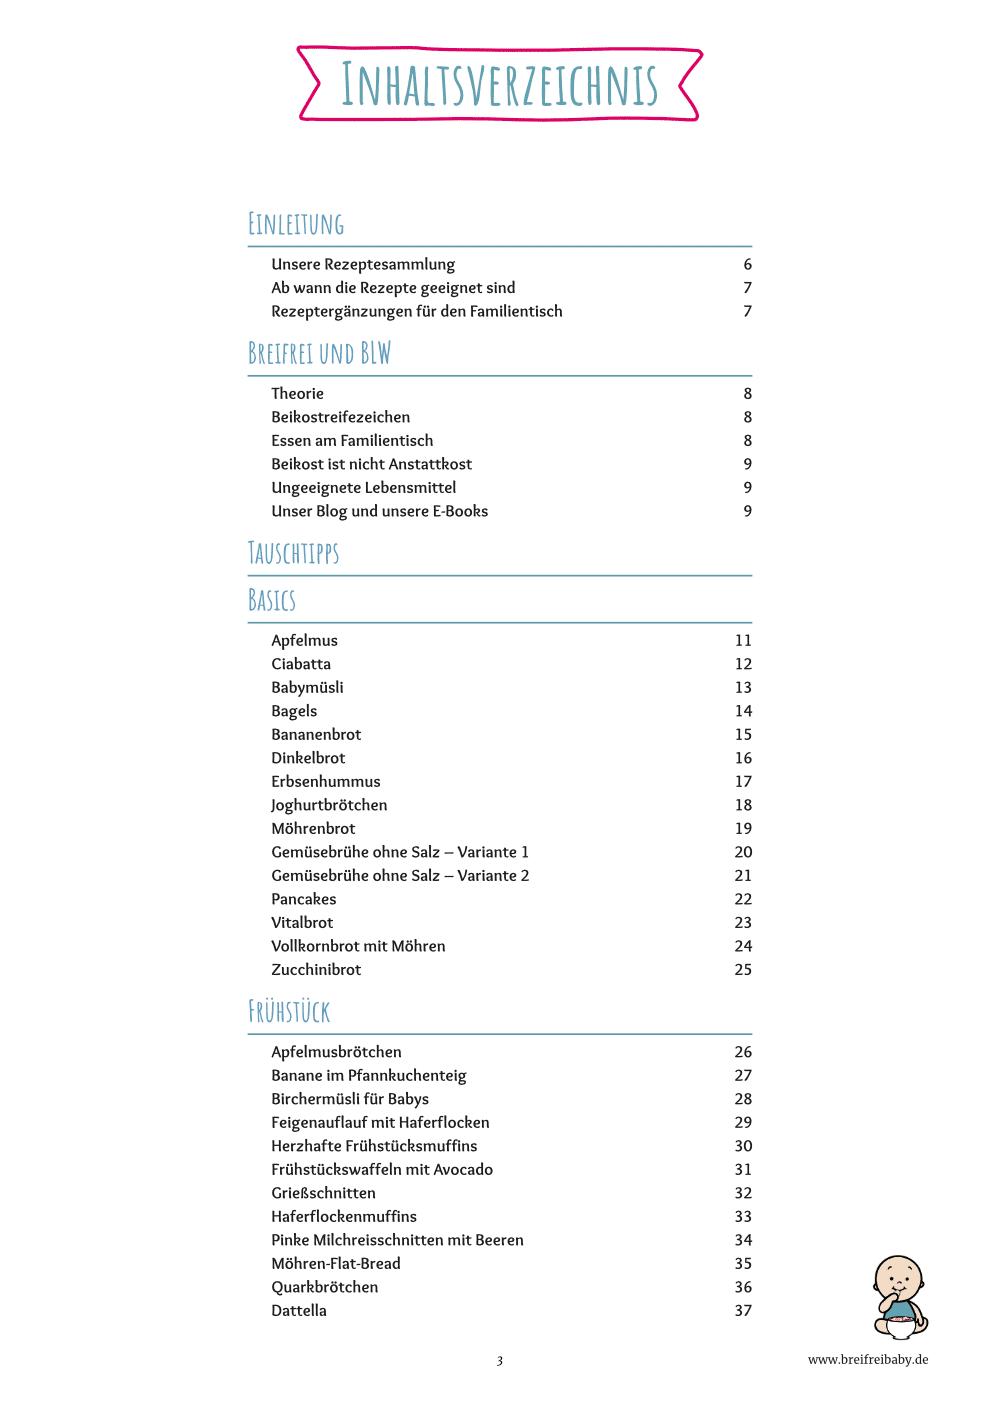 Das Breifrei Kochbuch 100 Rezepte Inhaltsverzeichnis